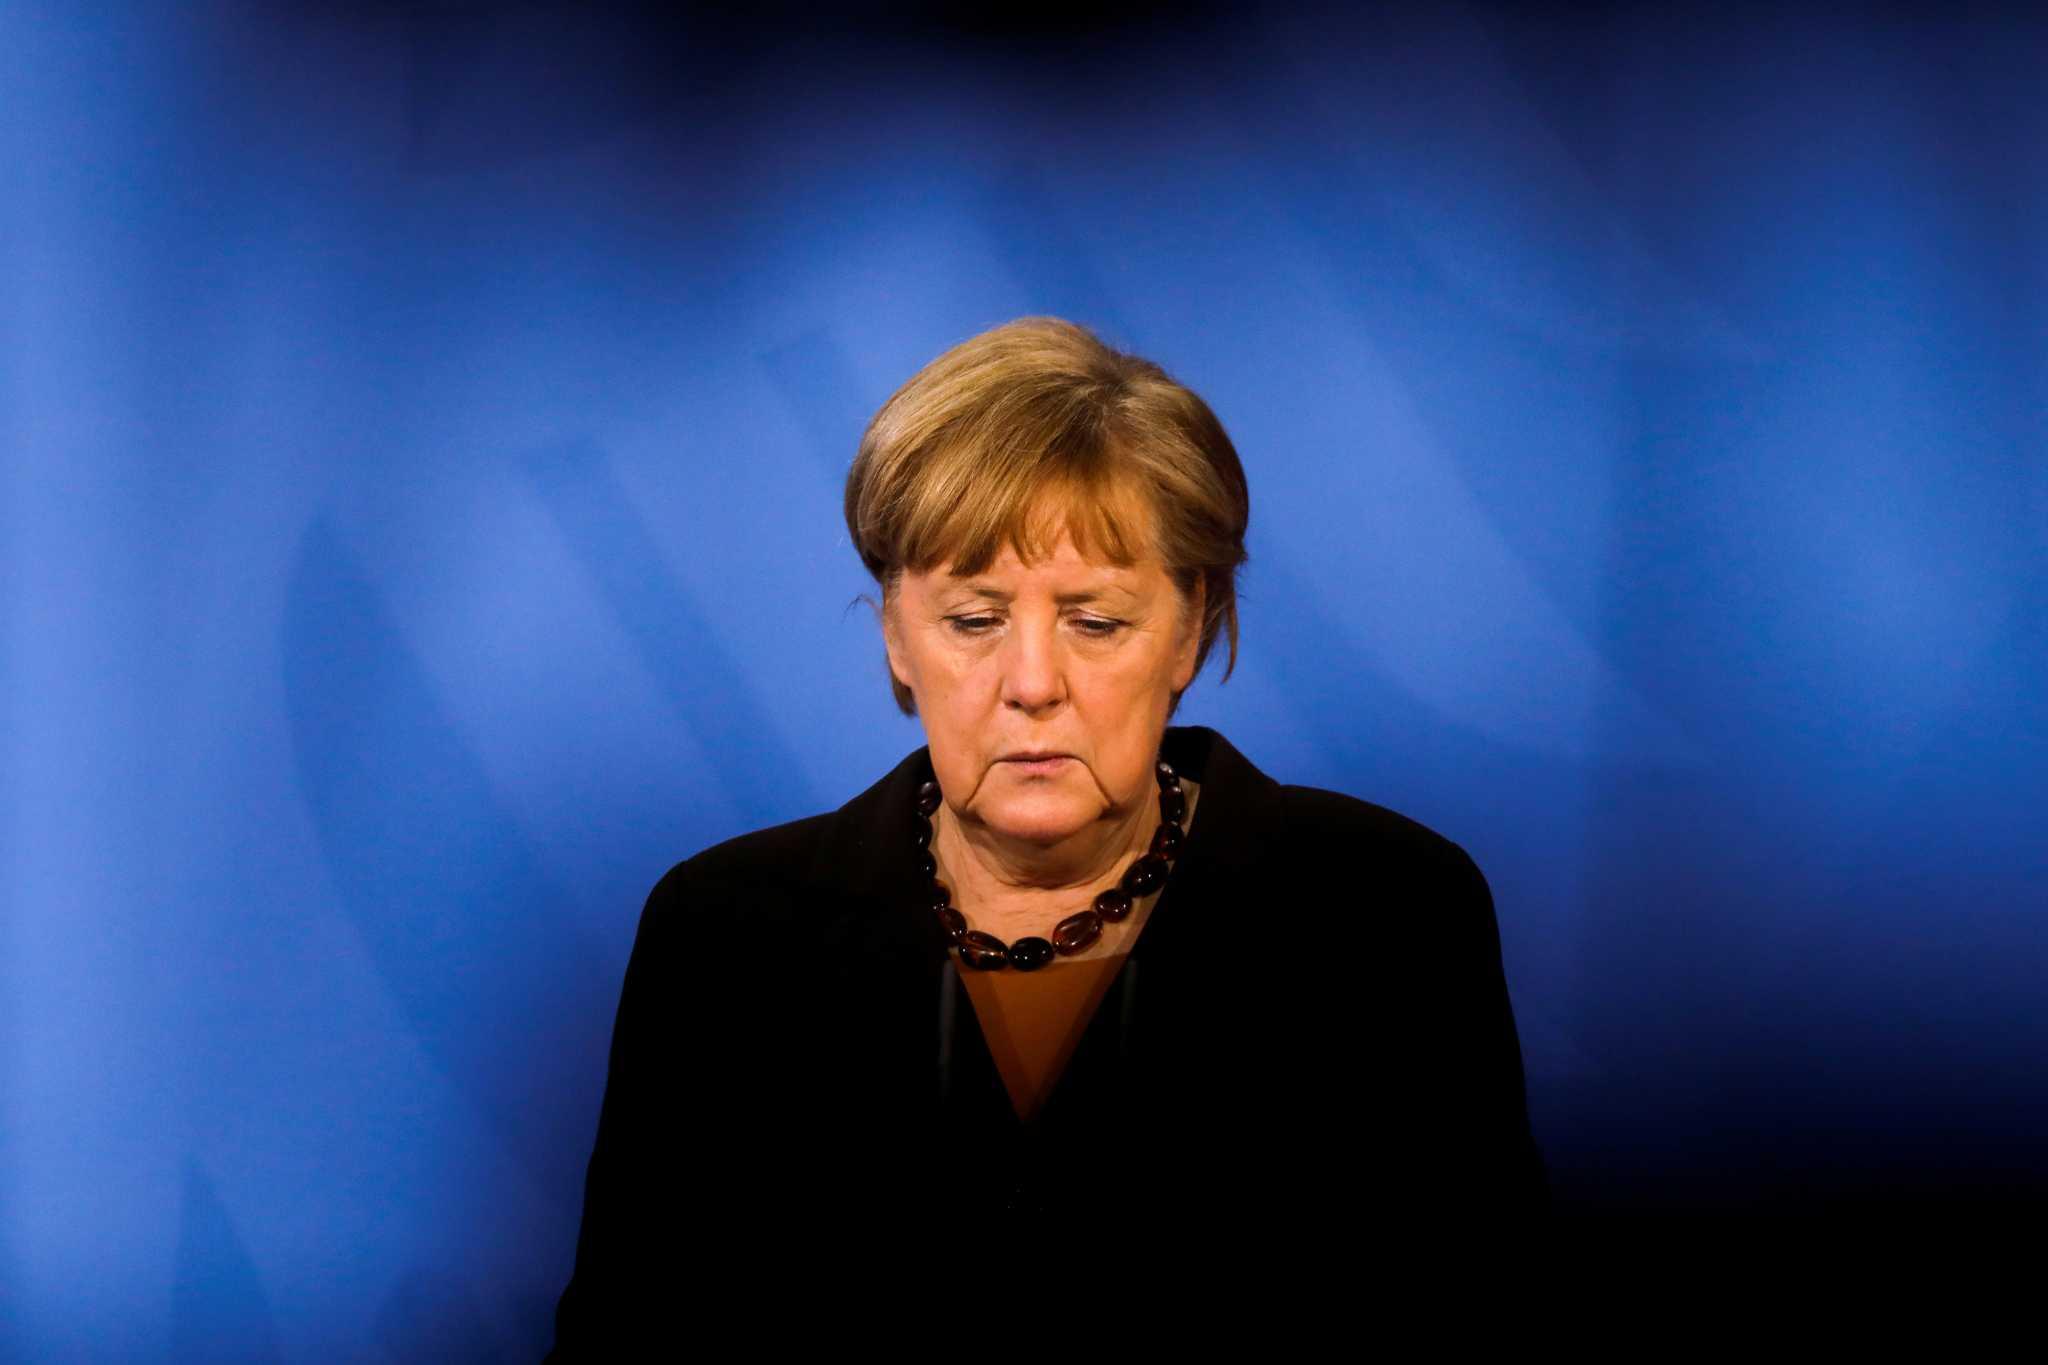 Άνγκελα Μέρκελ: Το τρίτο κύμα της πανδημίας θα είναι ίσως και το χειρότερο